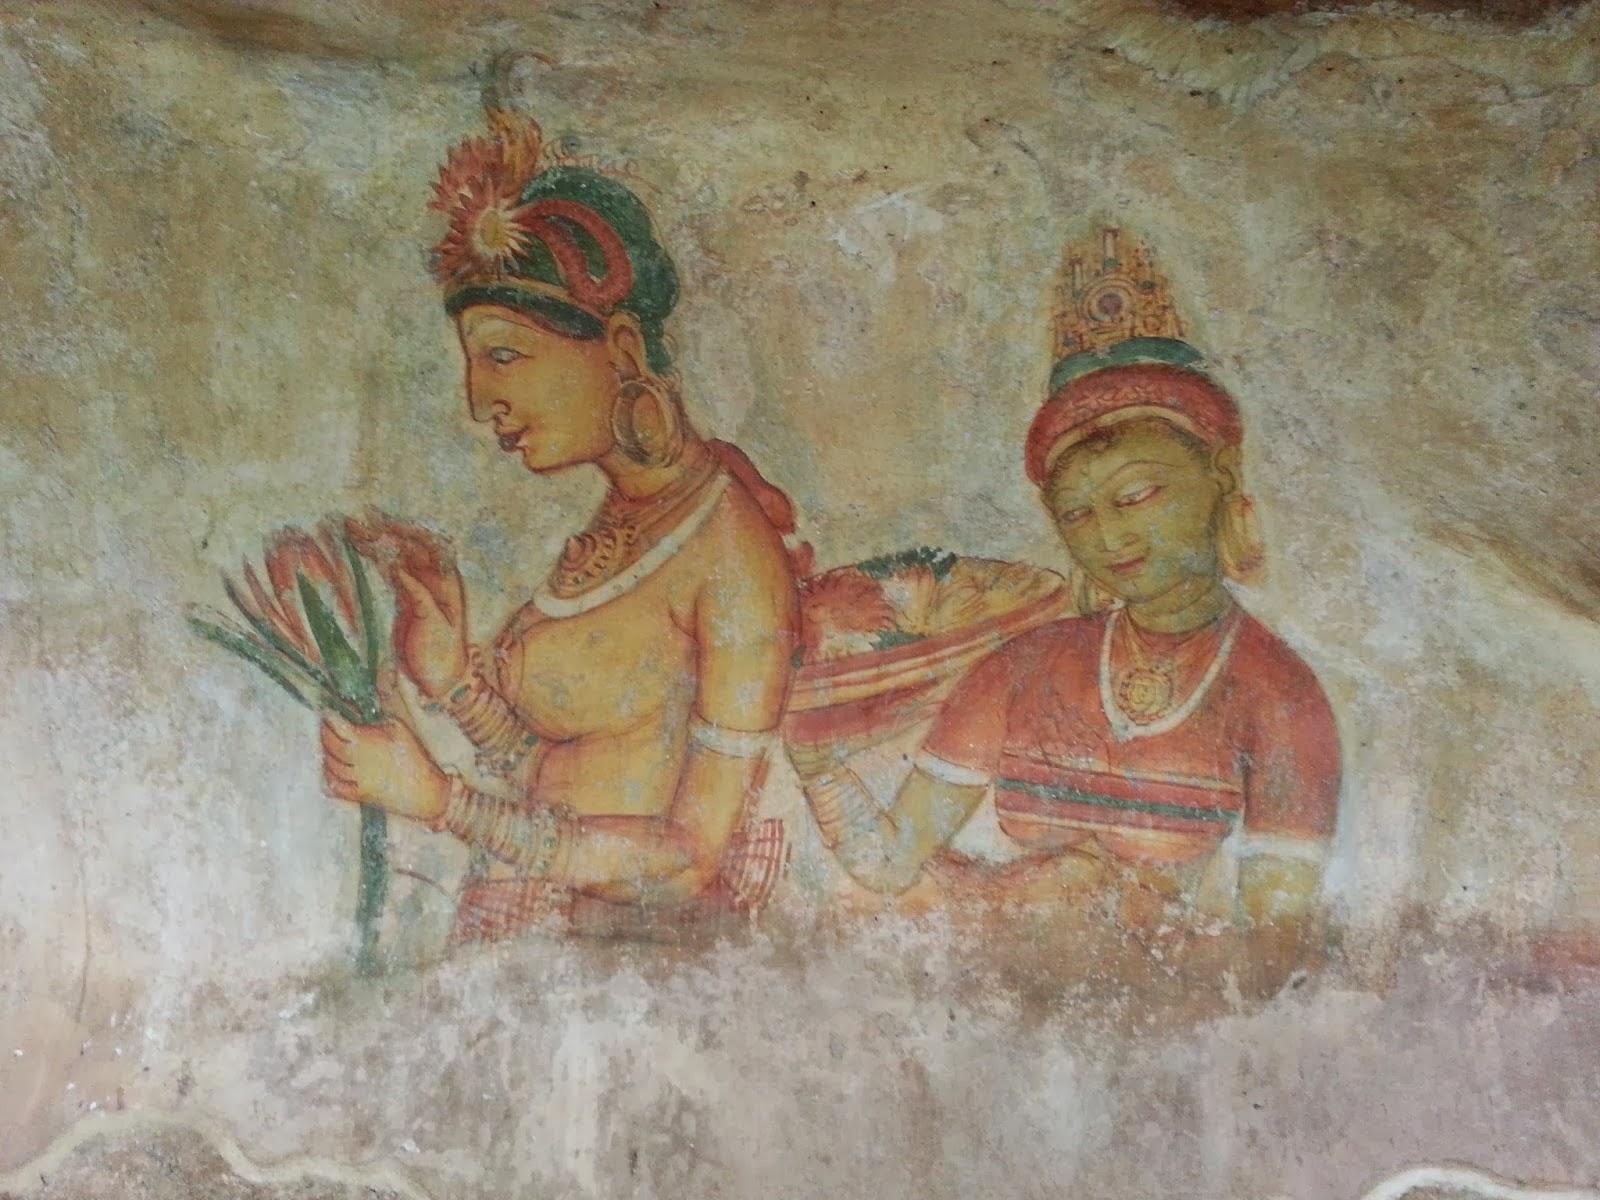 Девушка обнаженной грудью держит цветы, сзади стоит служанка, блюдо фруктов, фрески Сигирии, Шри-Ланка